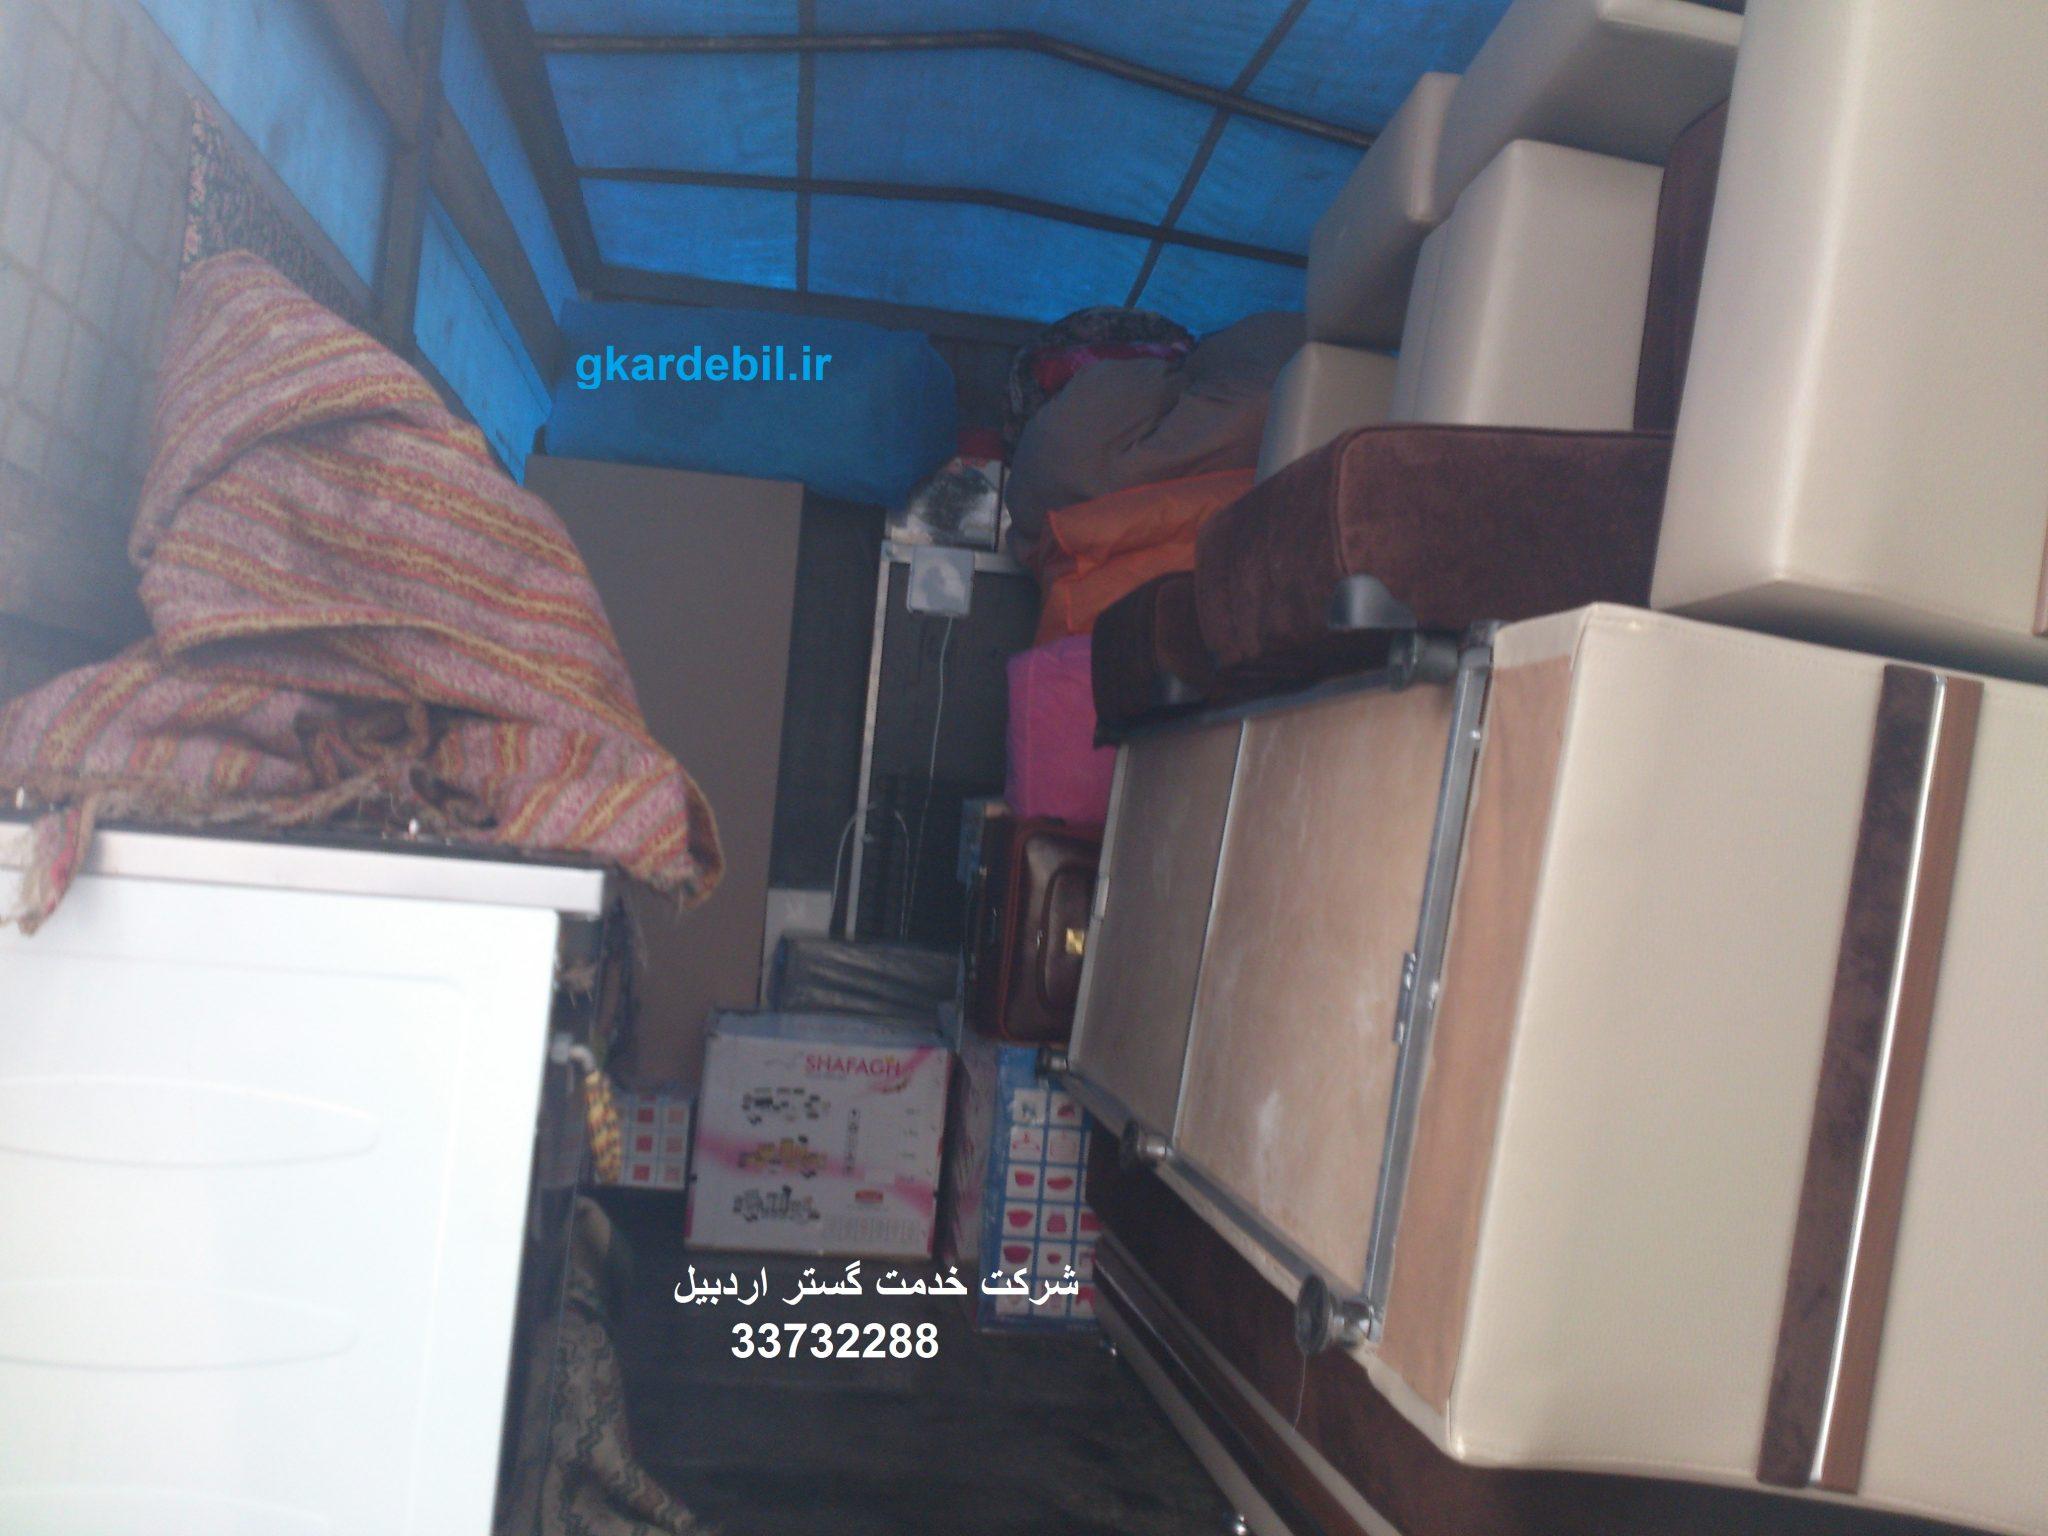 خدمات اسباب کشی در اردبیل و شهرستان